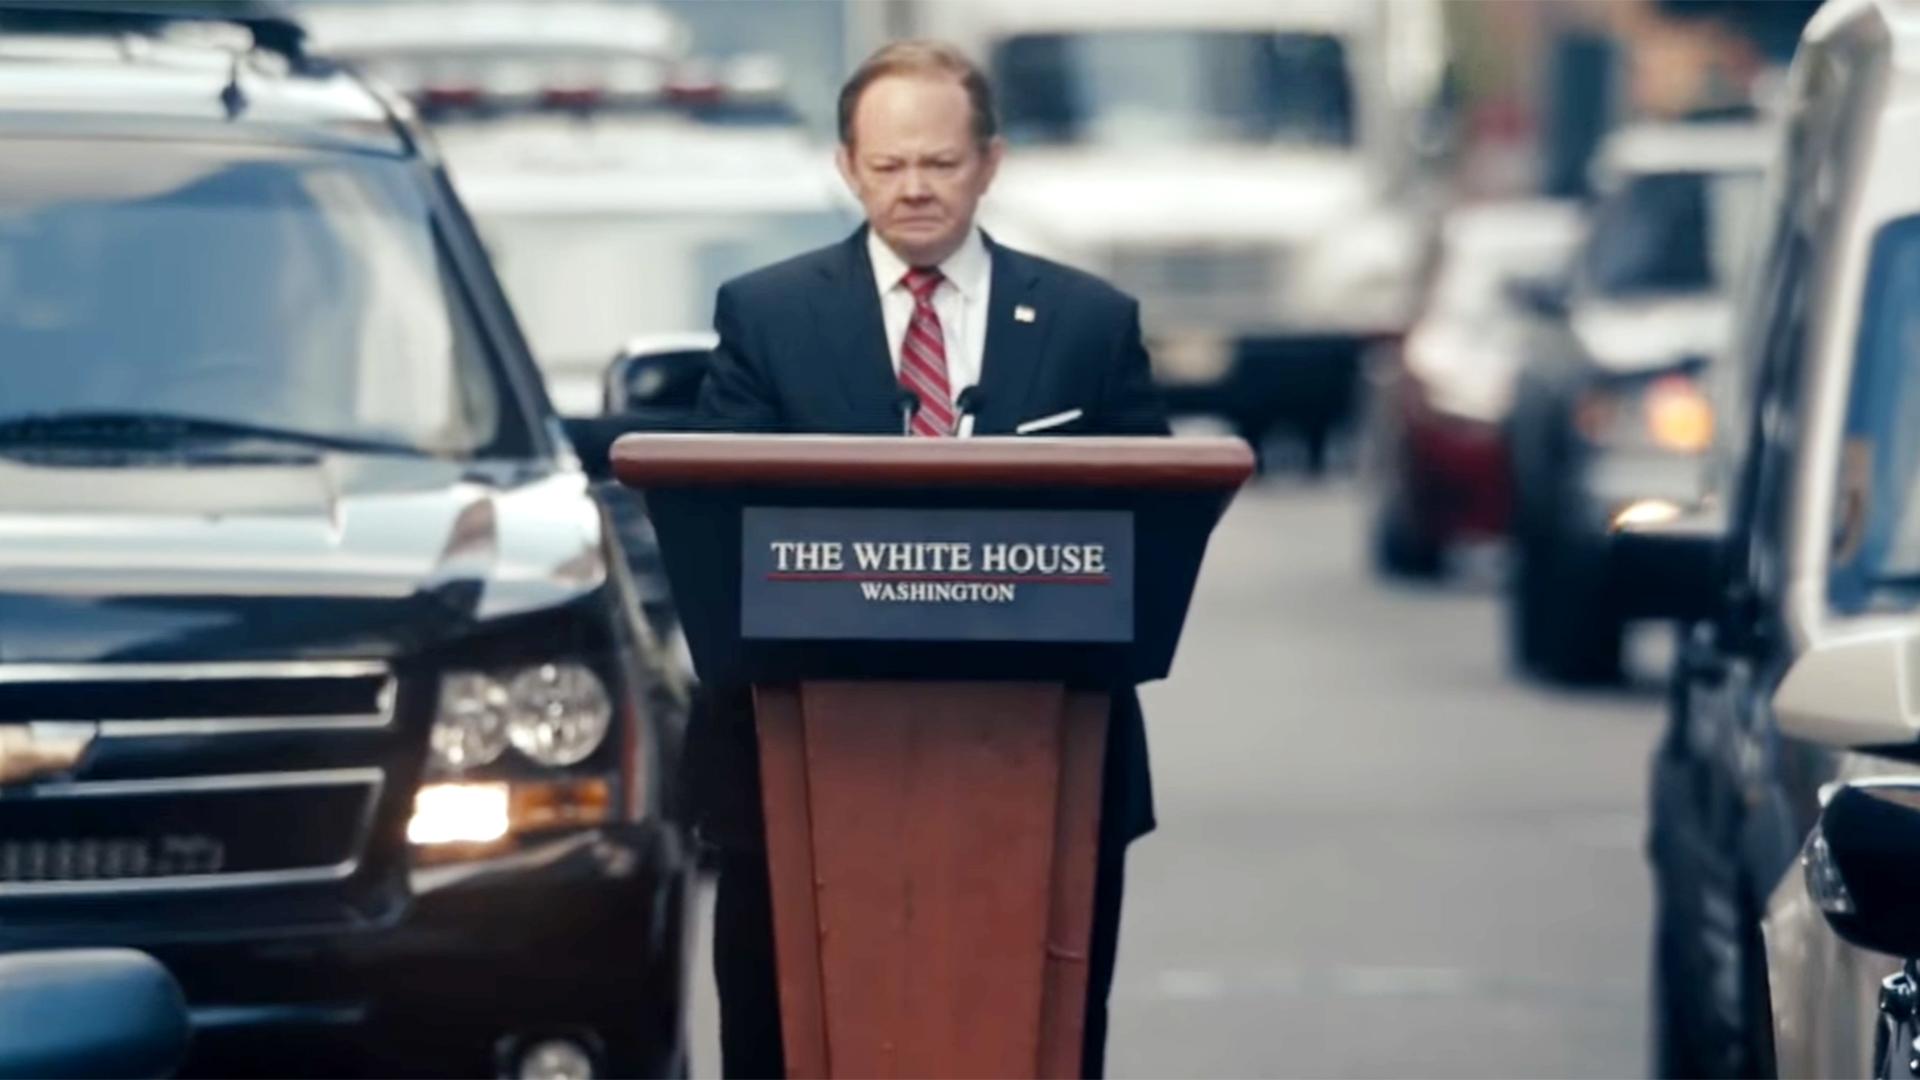 csipke fel új dizájn olcsó eladás Melissa McCarthy's 'SNL' outtakes as Sean Spicer in New York